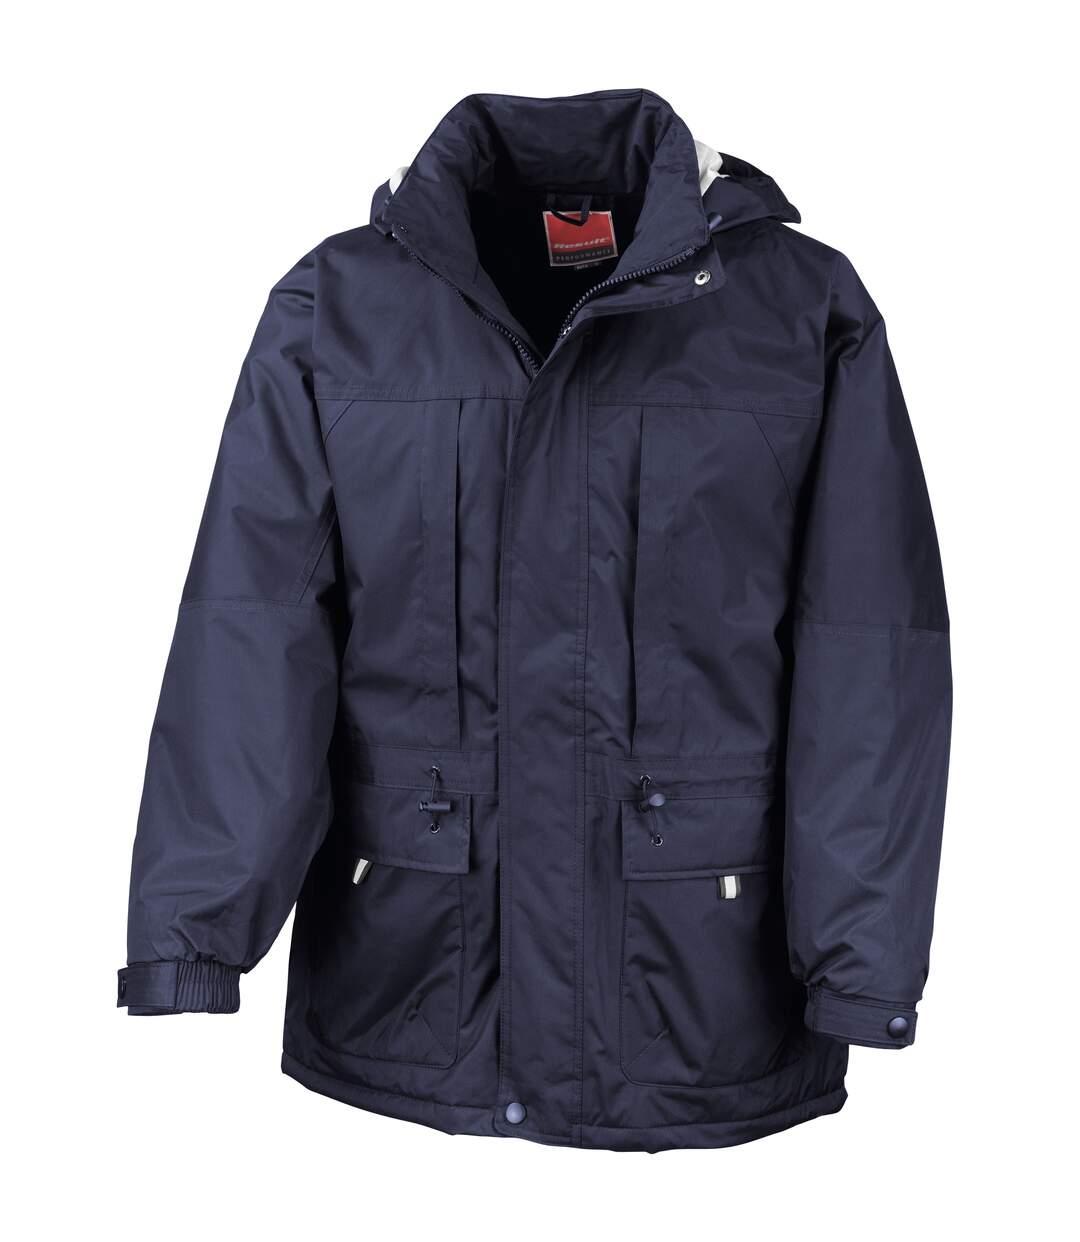 Result Mens Multi-Function Winter Jacket (Navy/ Navy) - UTRW3232